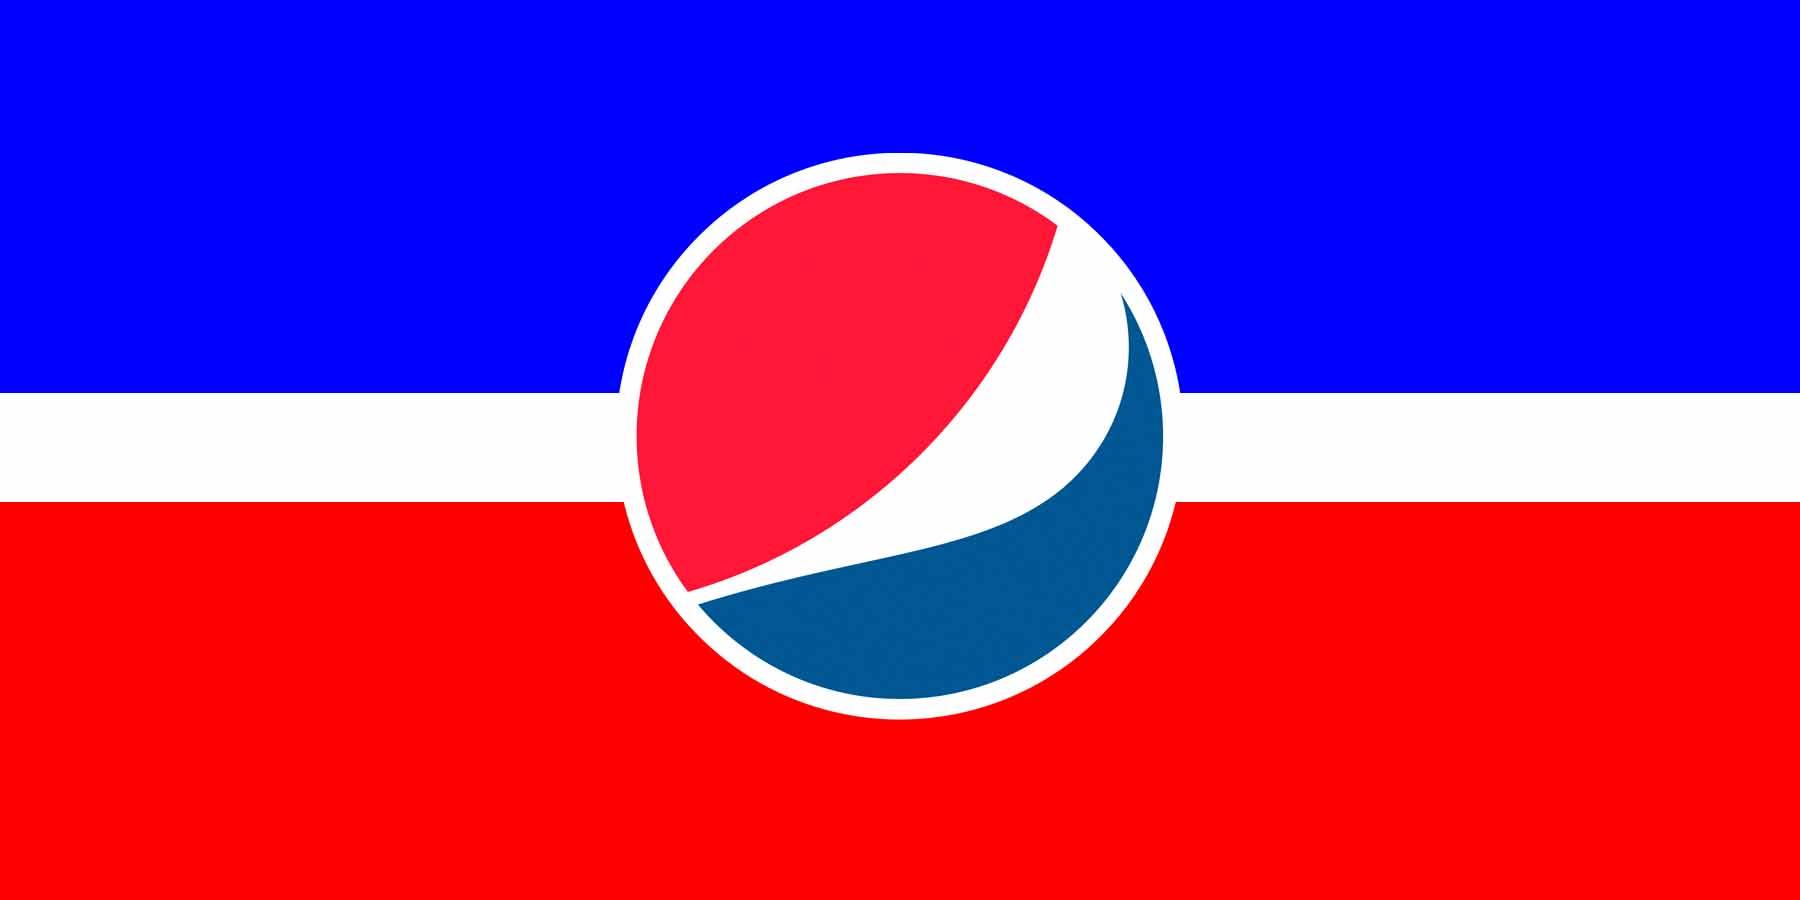 Pepsi Republic